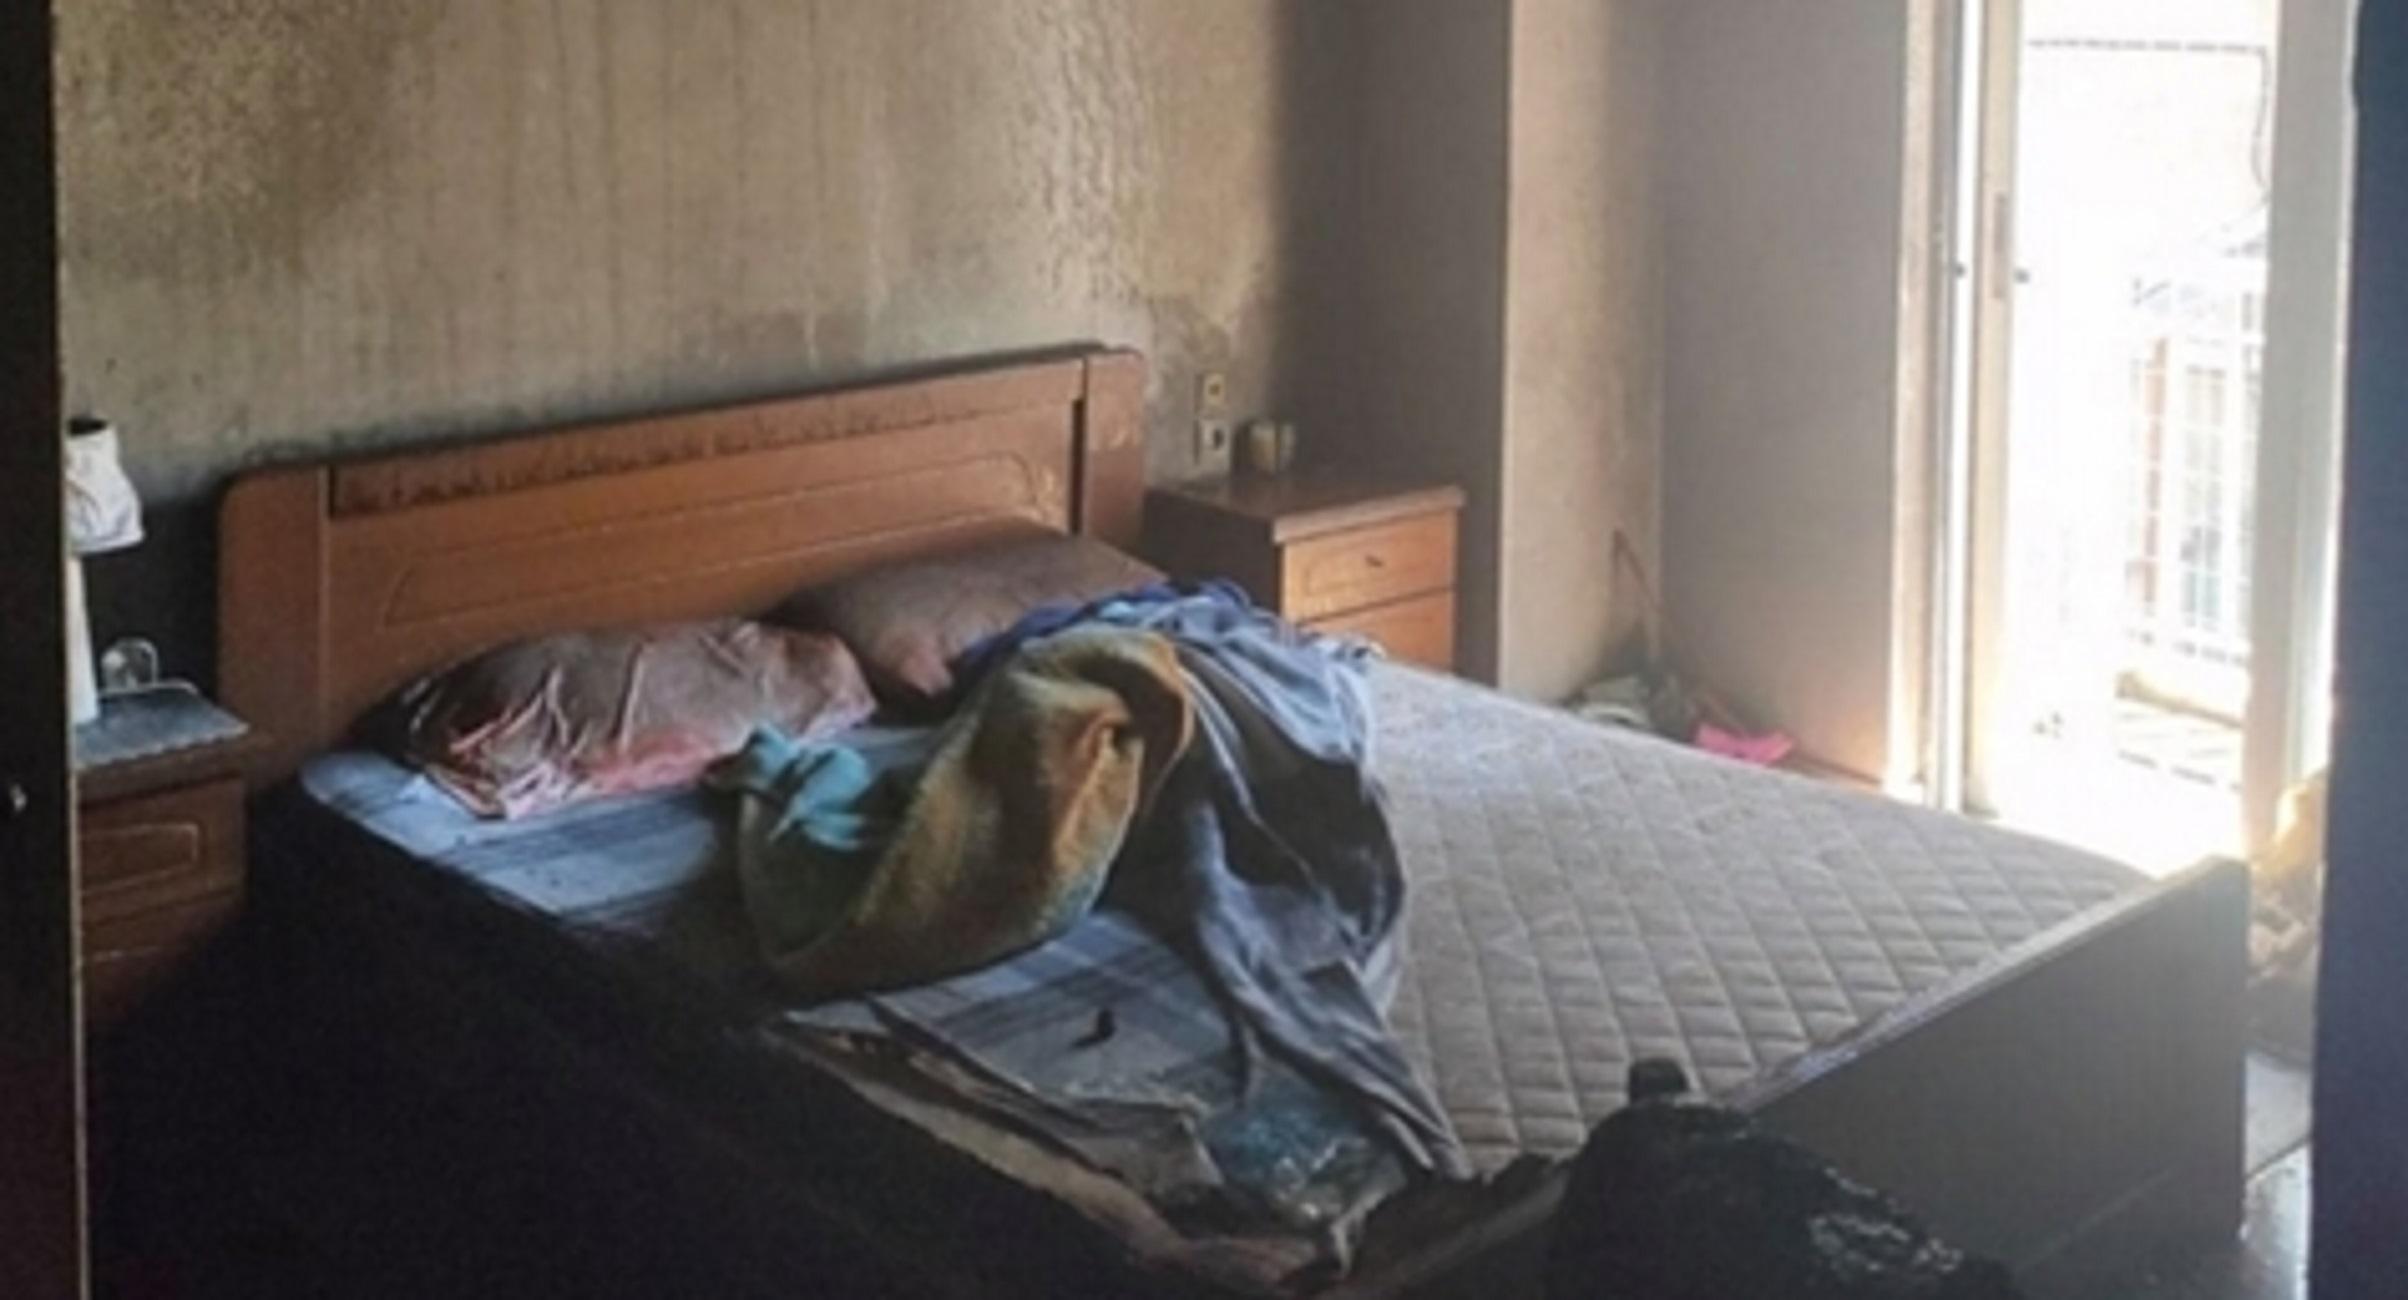 Πάτρα: Ανατροπή δεδομένων στο θρίλερ με τον θάνατο μητέρας από φωτιά στο σπίτι της